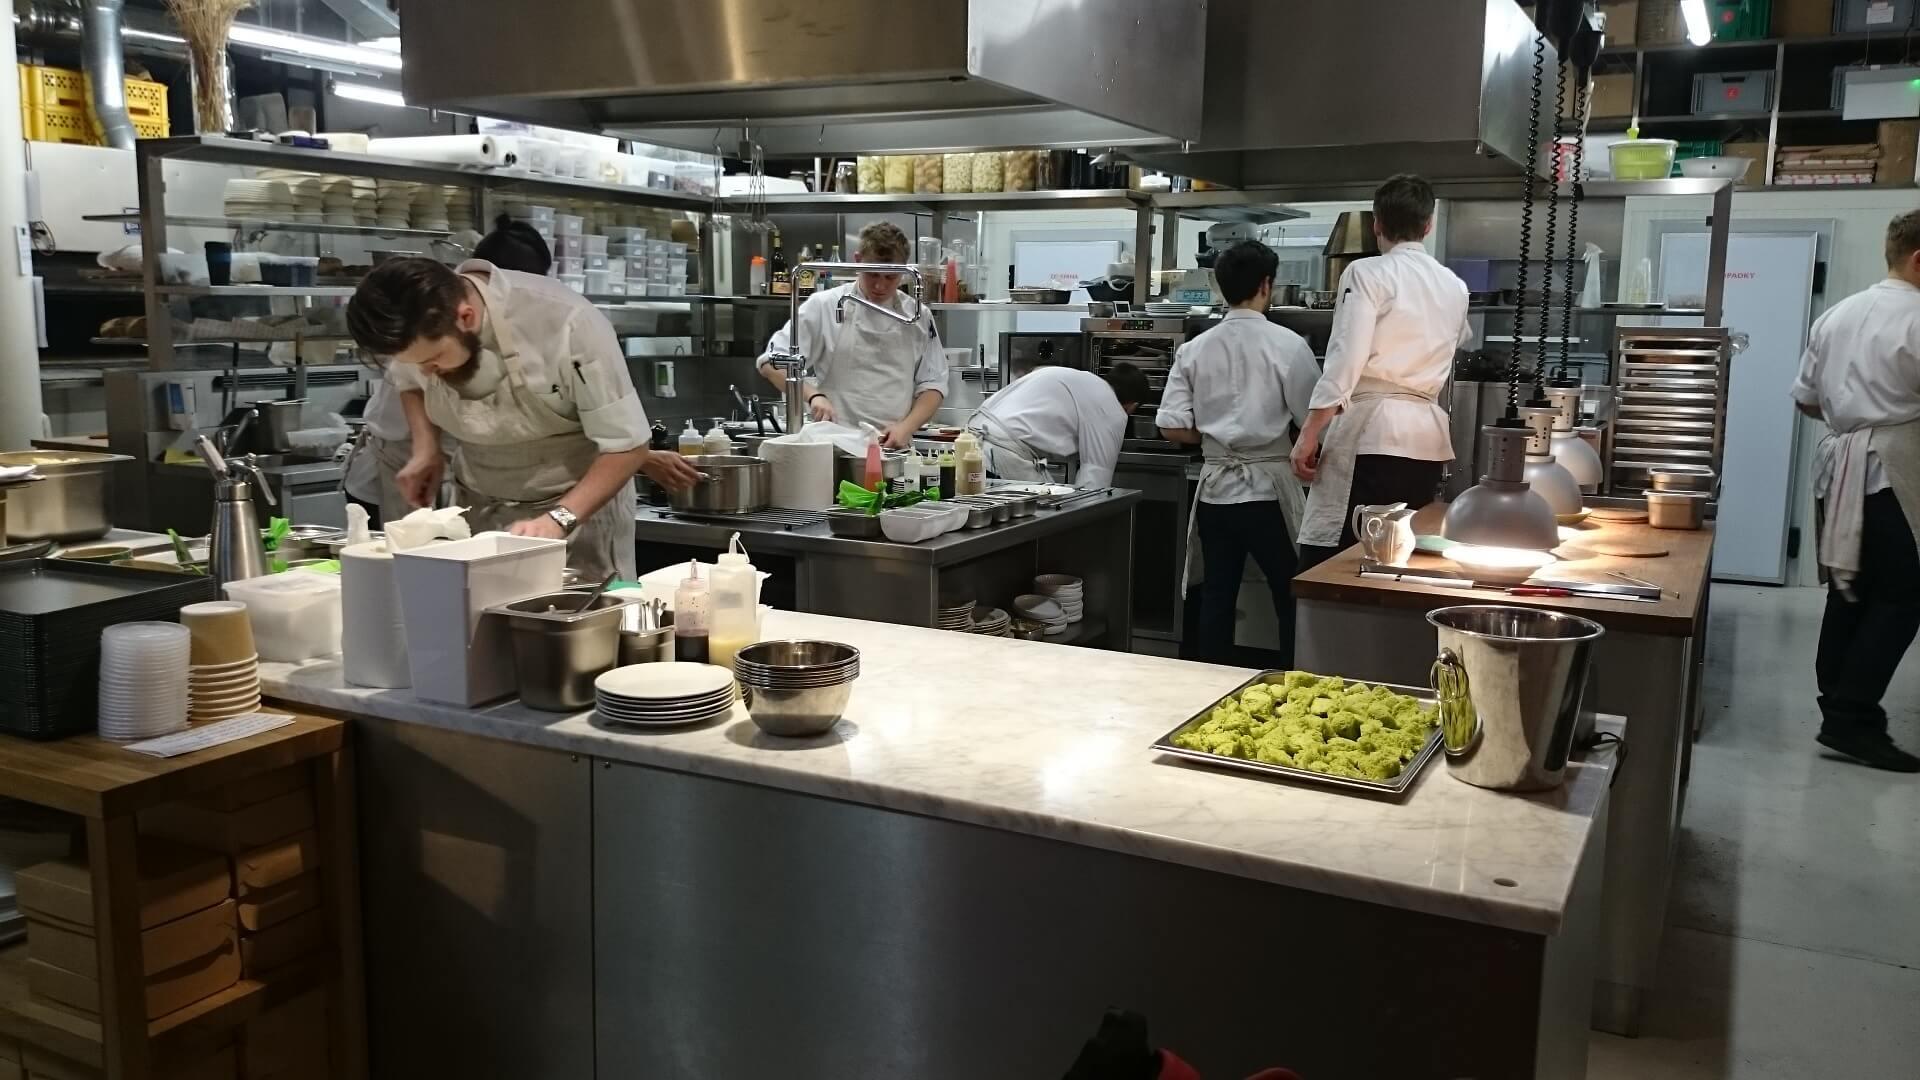 Une cuisine avec des cuisiniers